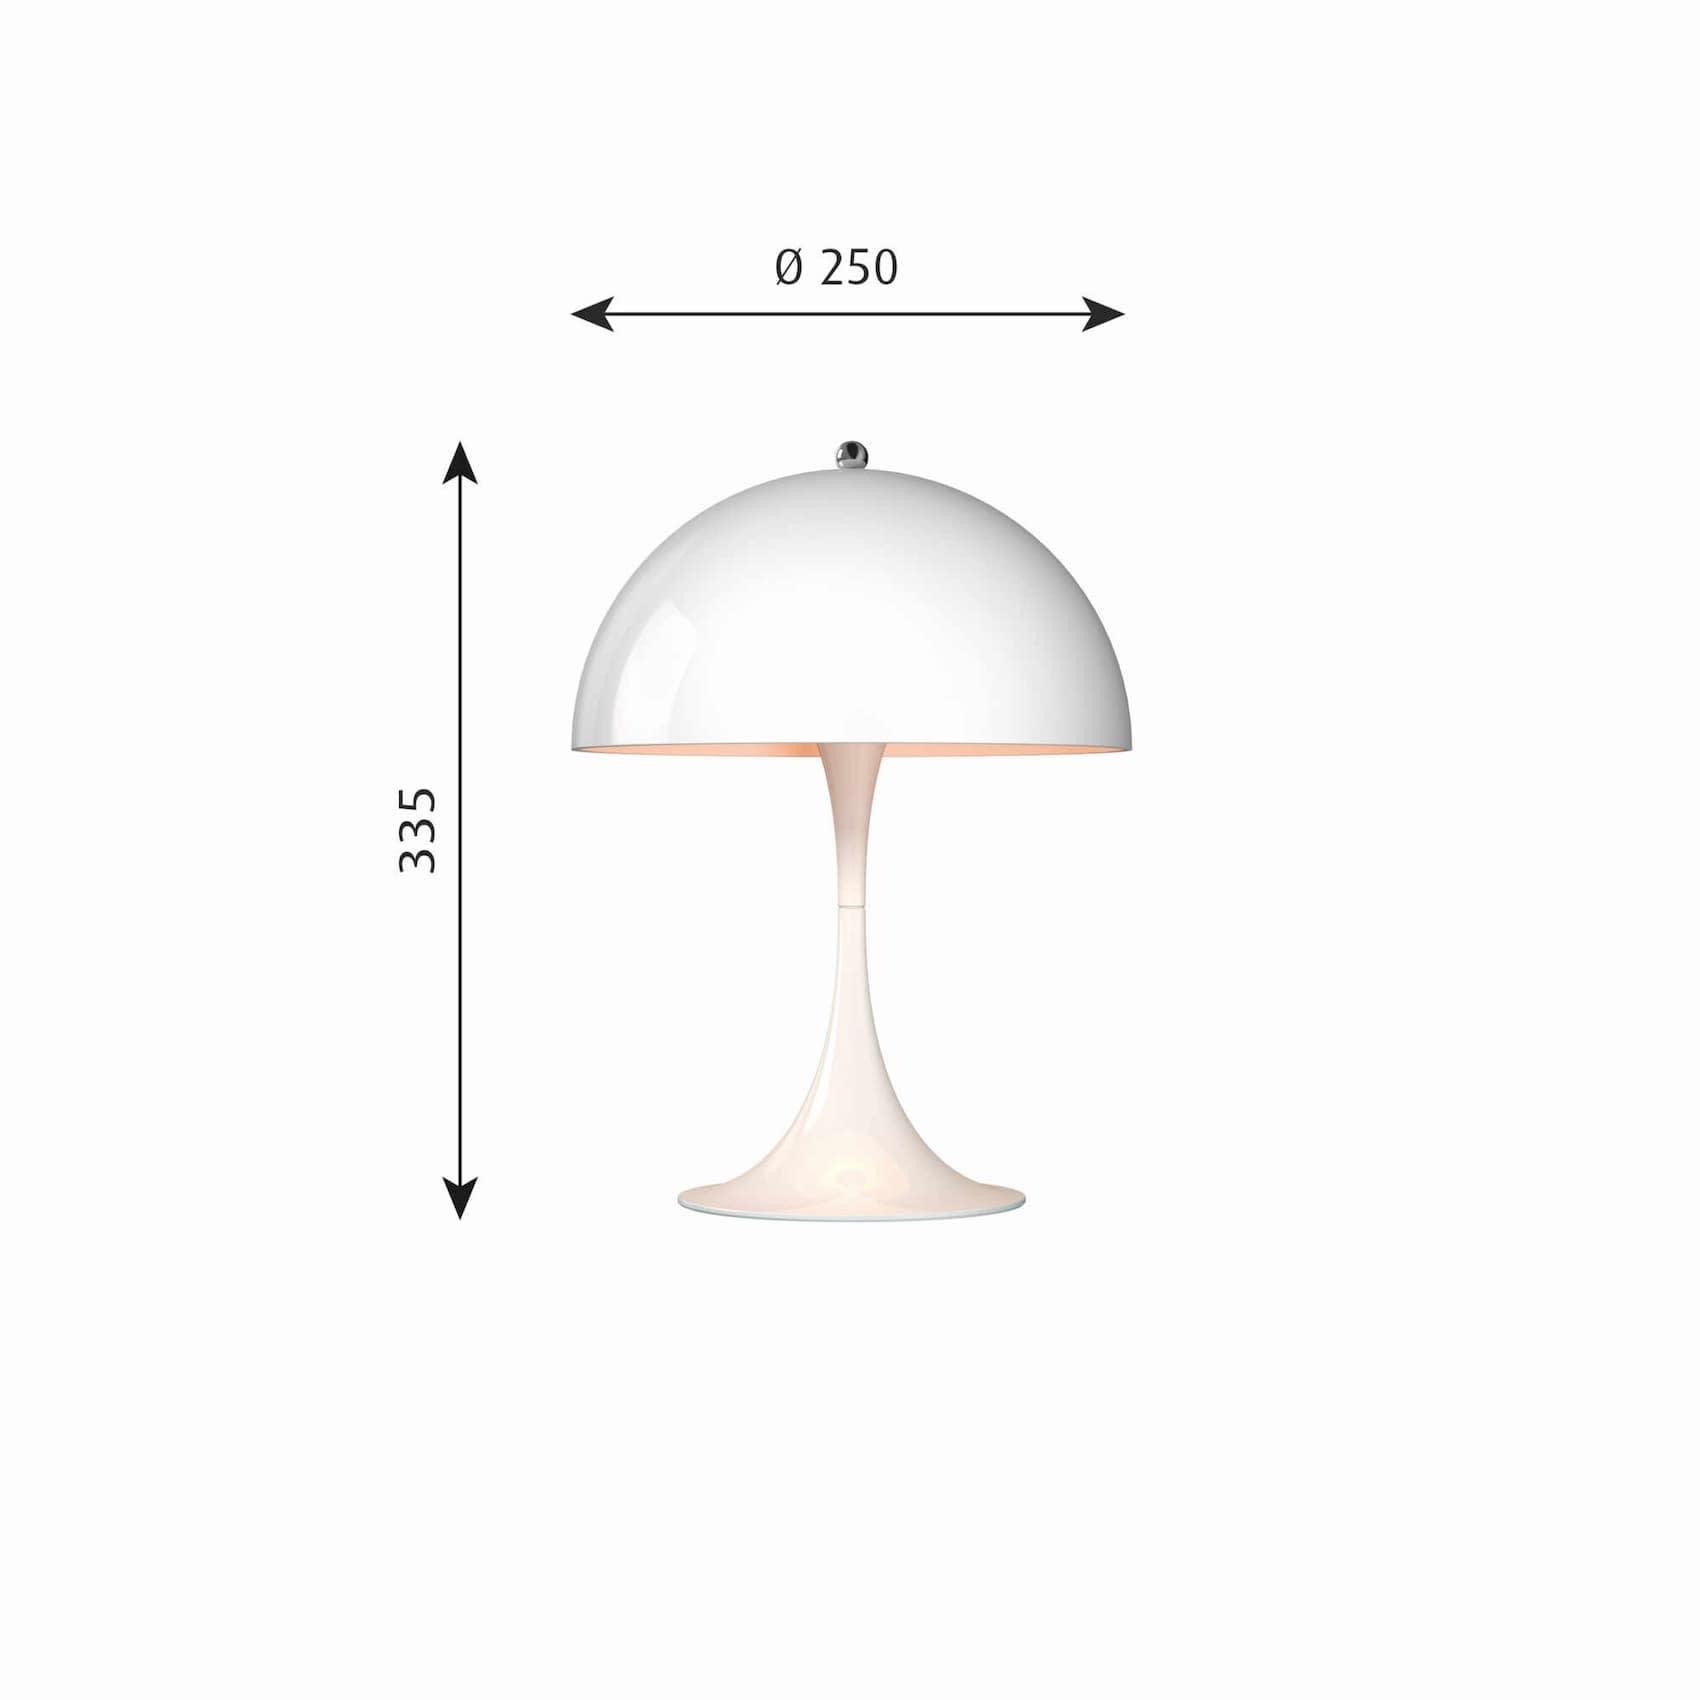 louis-poulsen-panthella-mini-lamp-dimensions